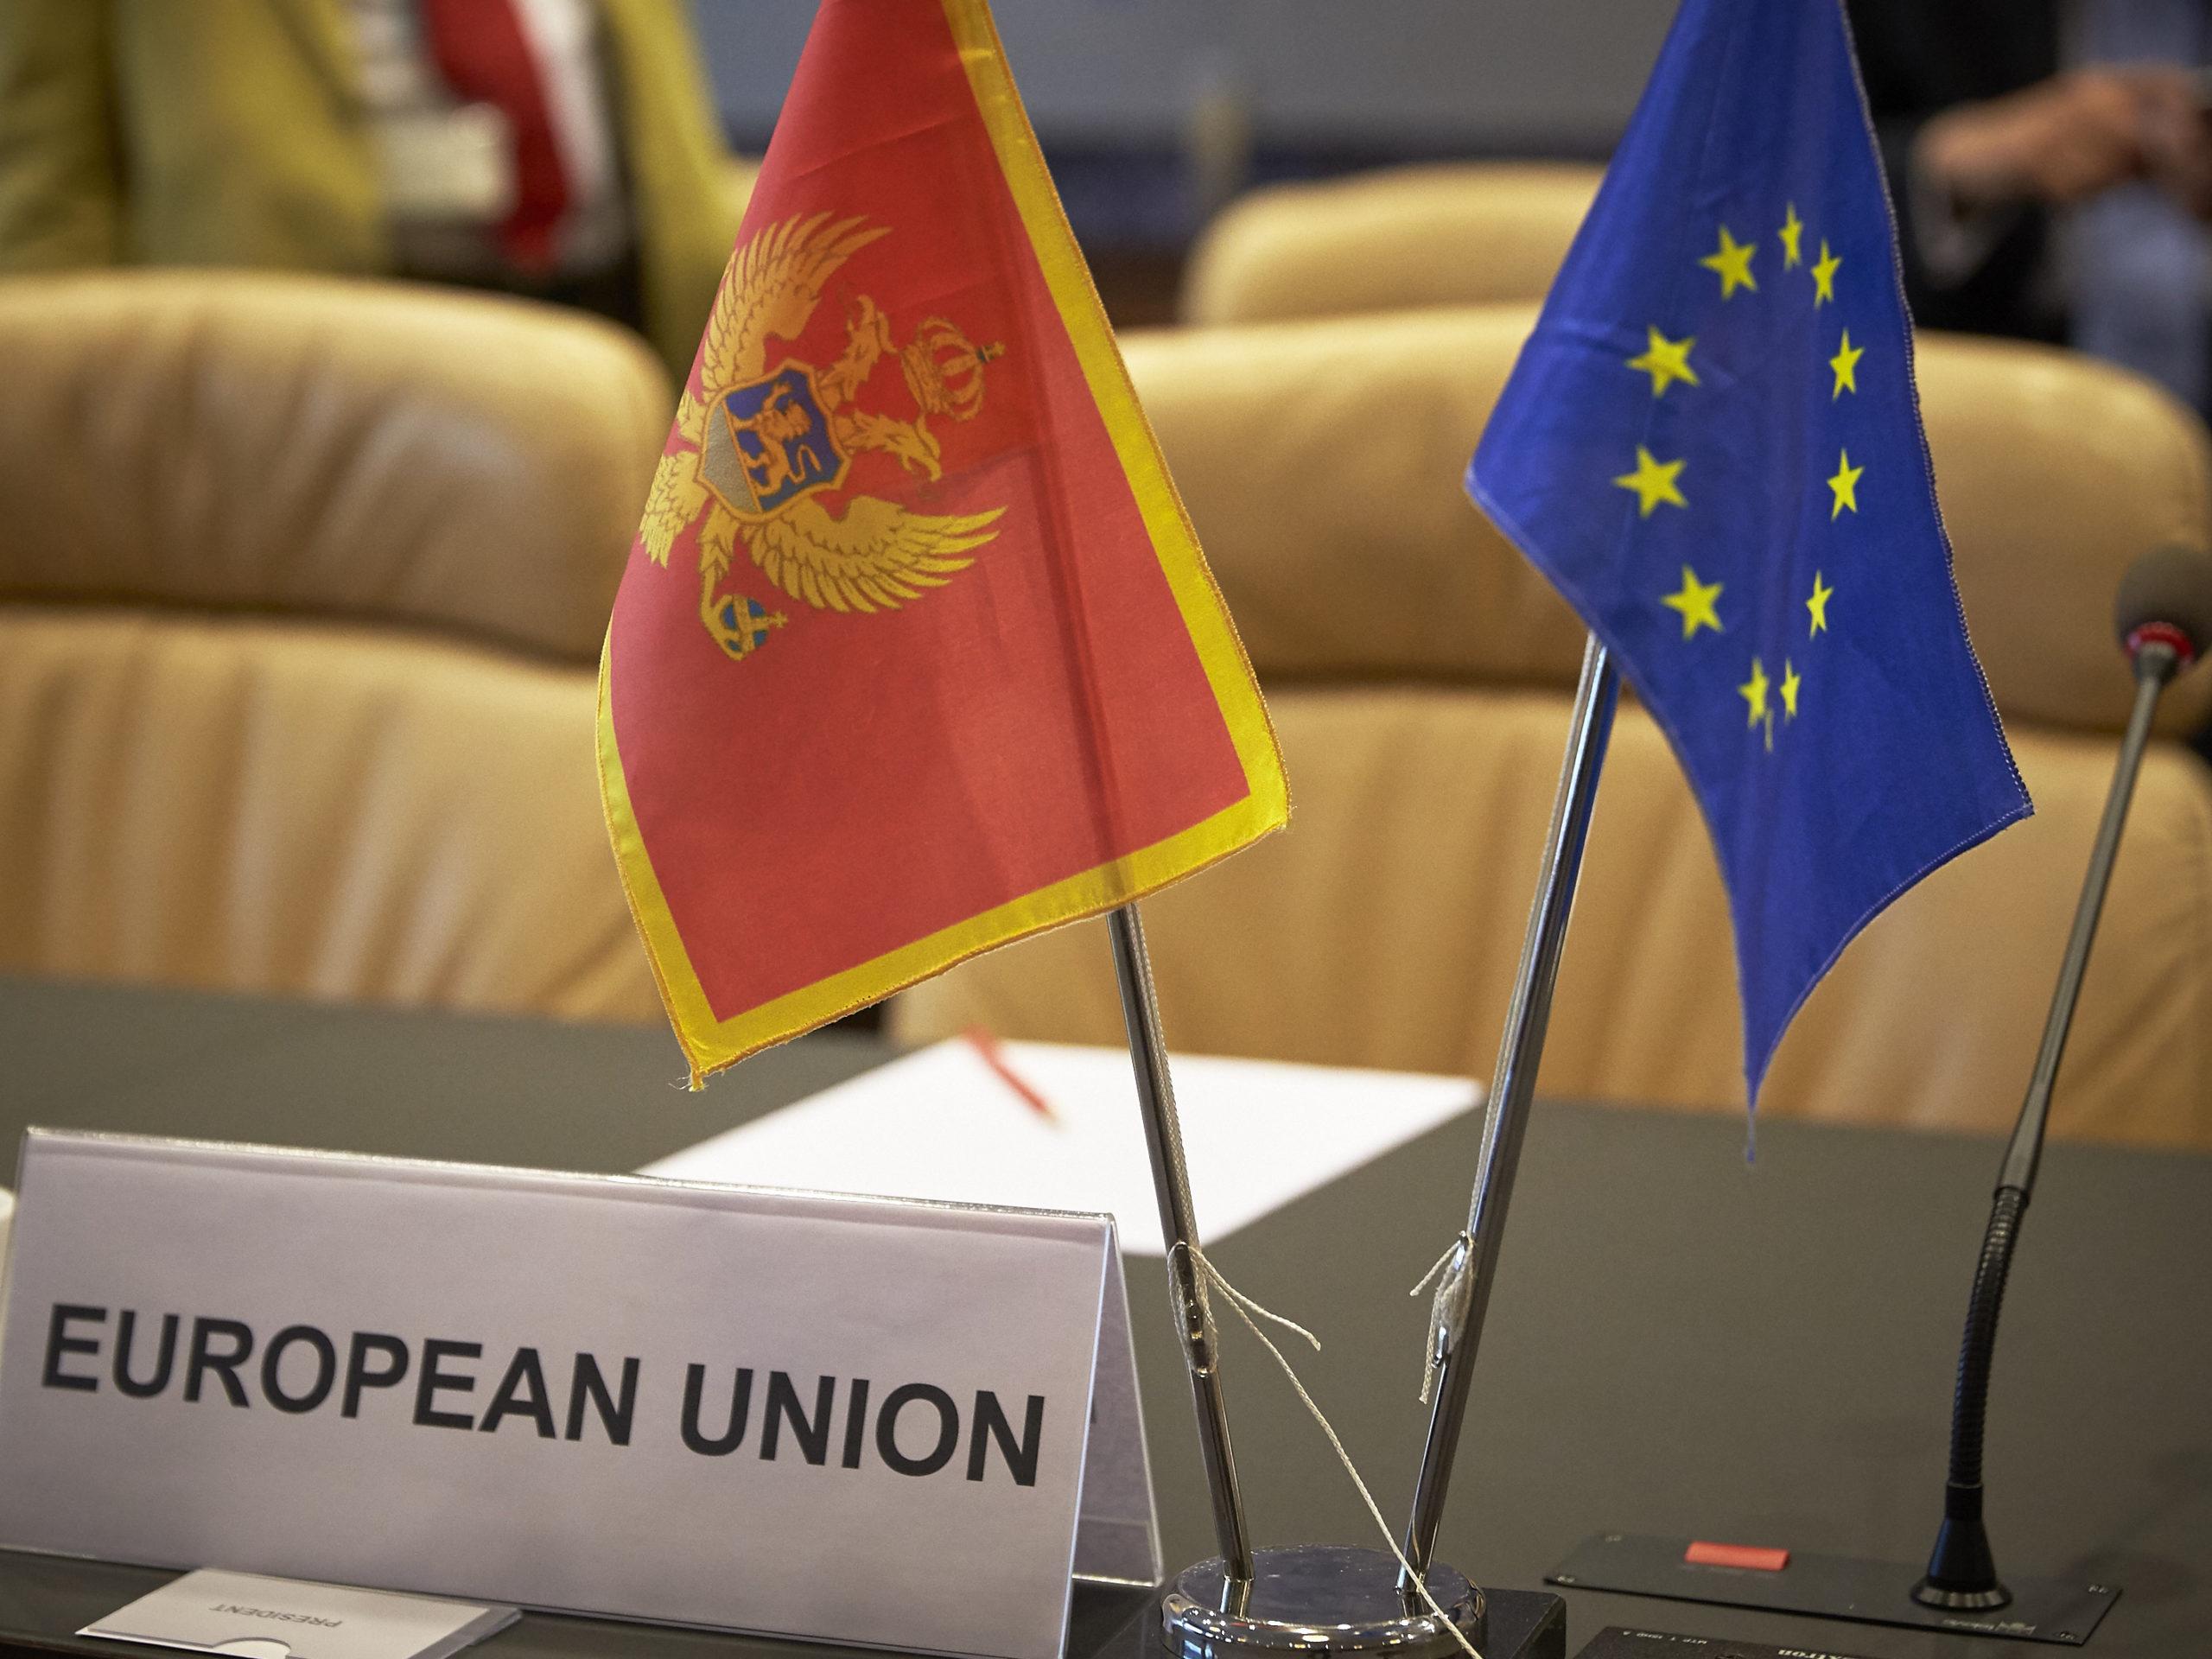 DUGO CRNOGORSKO PUTOVANJE U EU: Uzdanje u podršku Njemačke